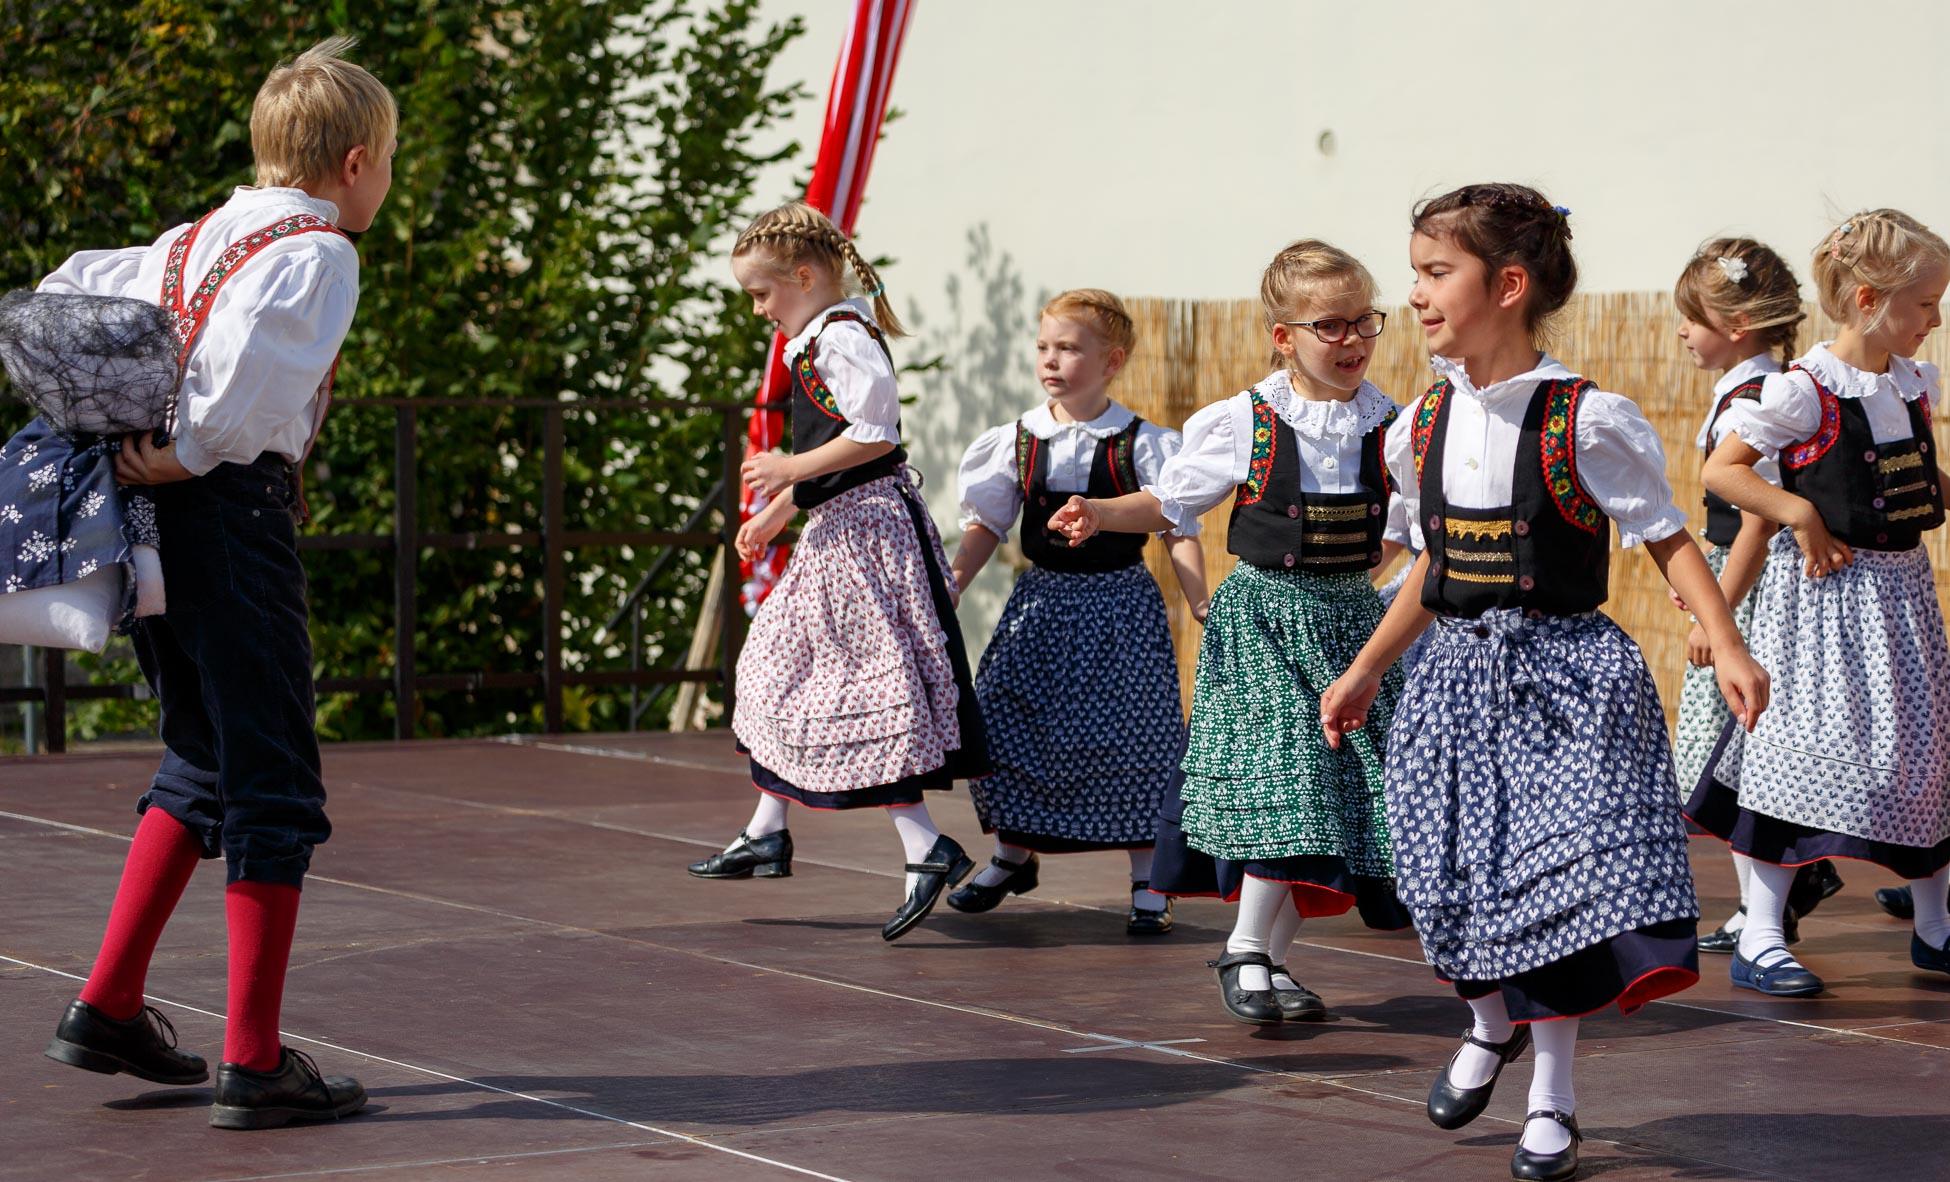 Gruppe Ricarda Metz-Neubacher: Montag von 16:15 bis 17:15 Uhr, Altersjahrgänge 2010 bis 2012